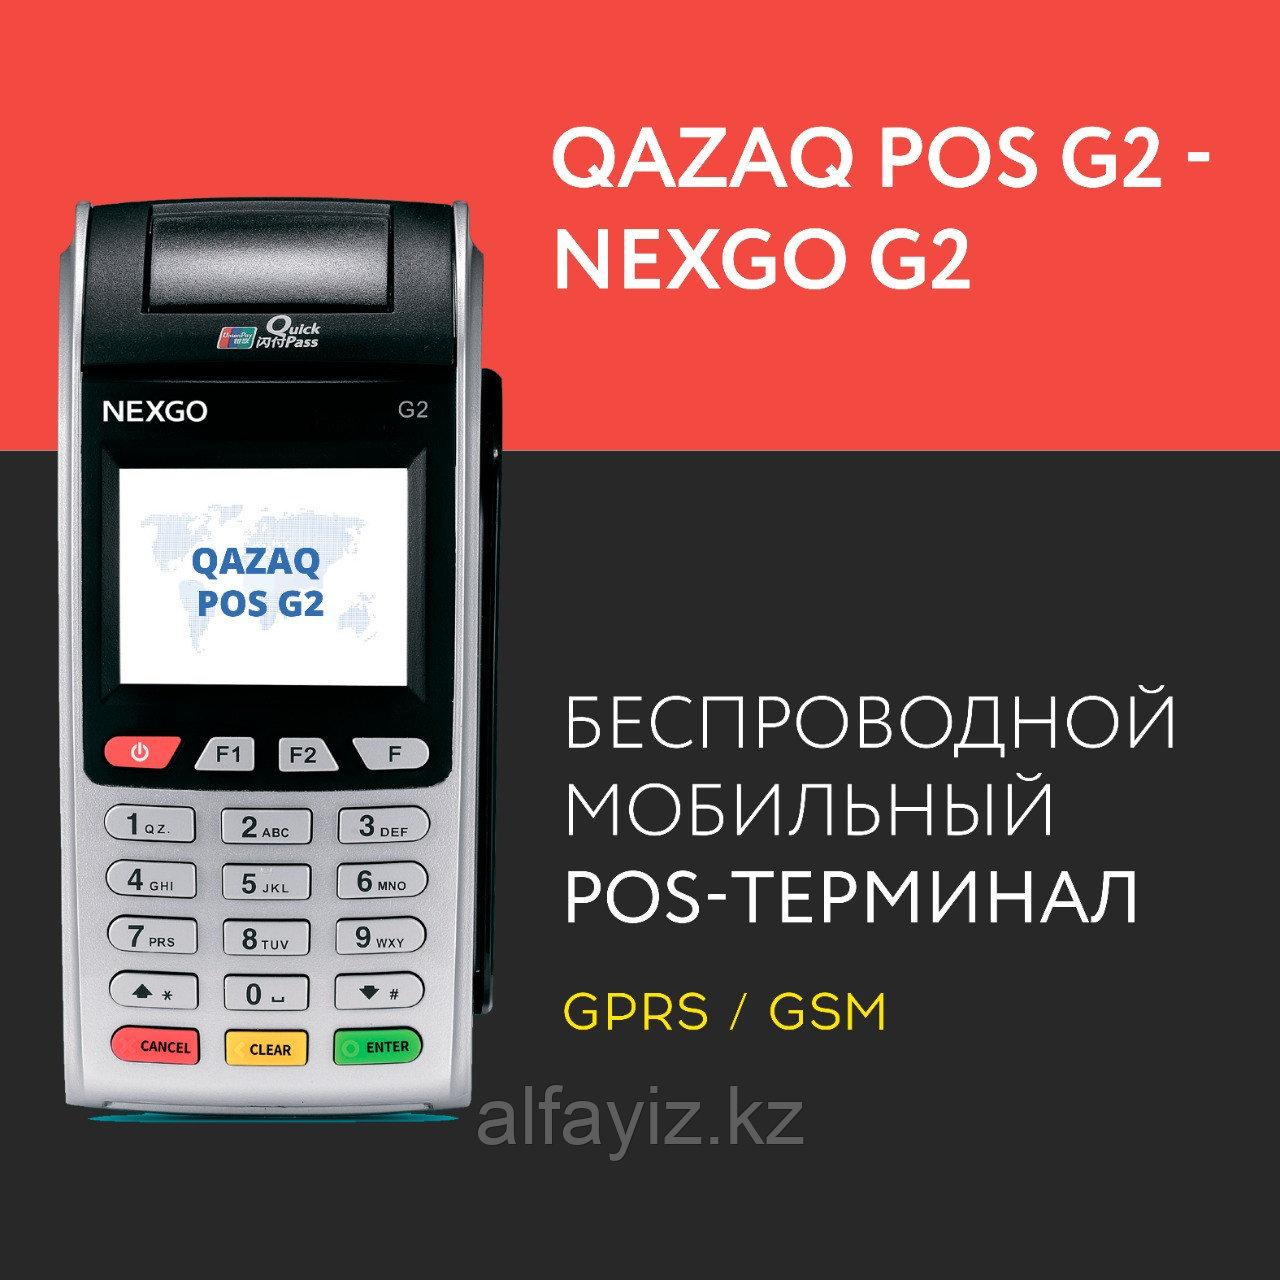 Беспроводной банковский терминал Qazaq POS G2 - Nexgo G2